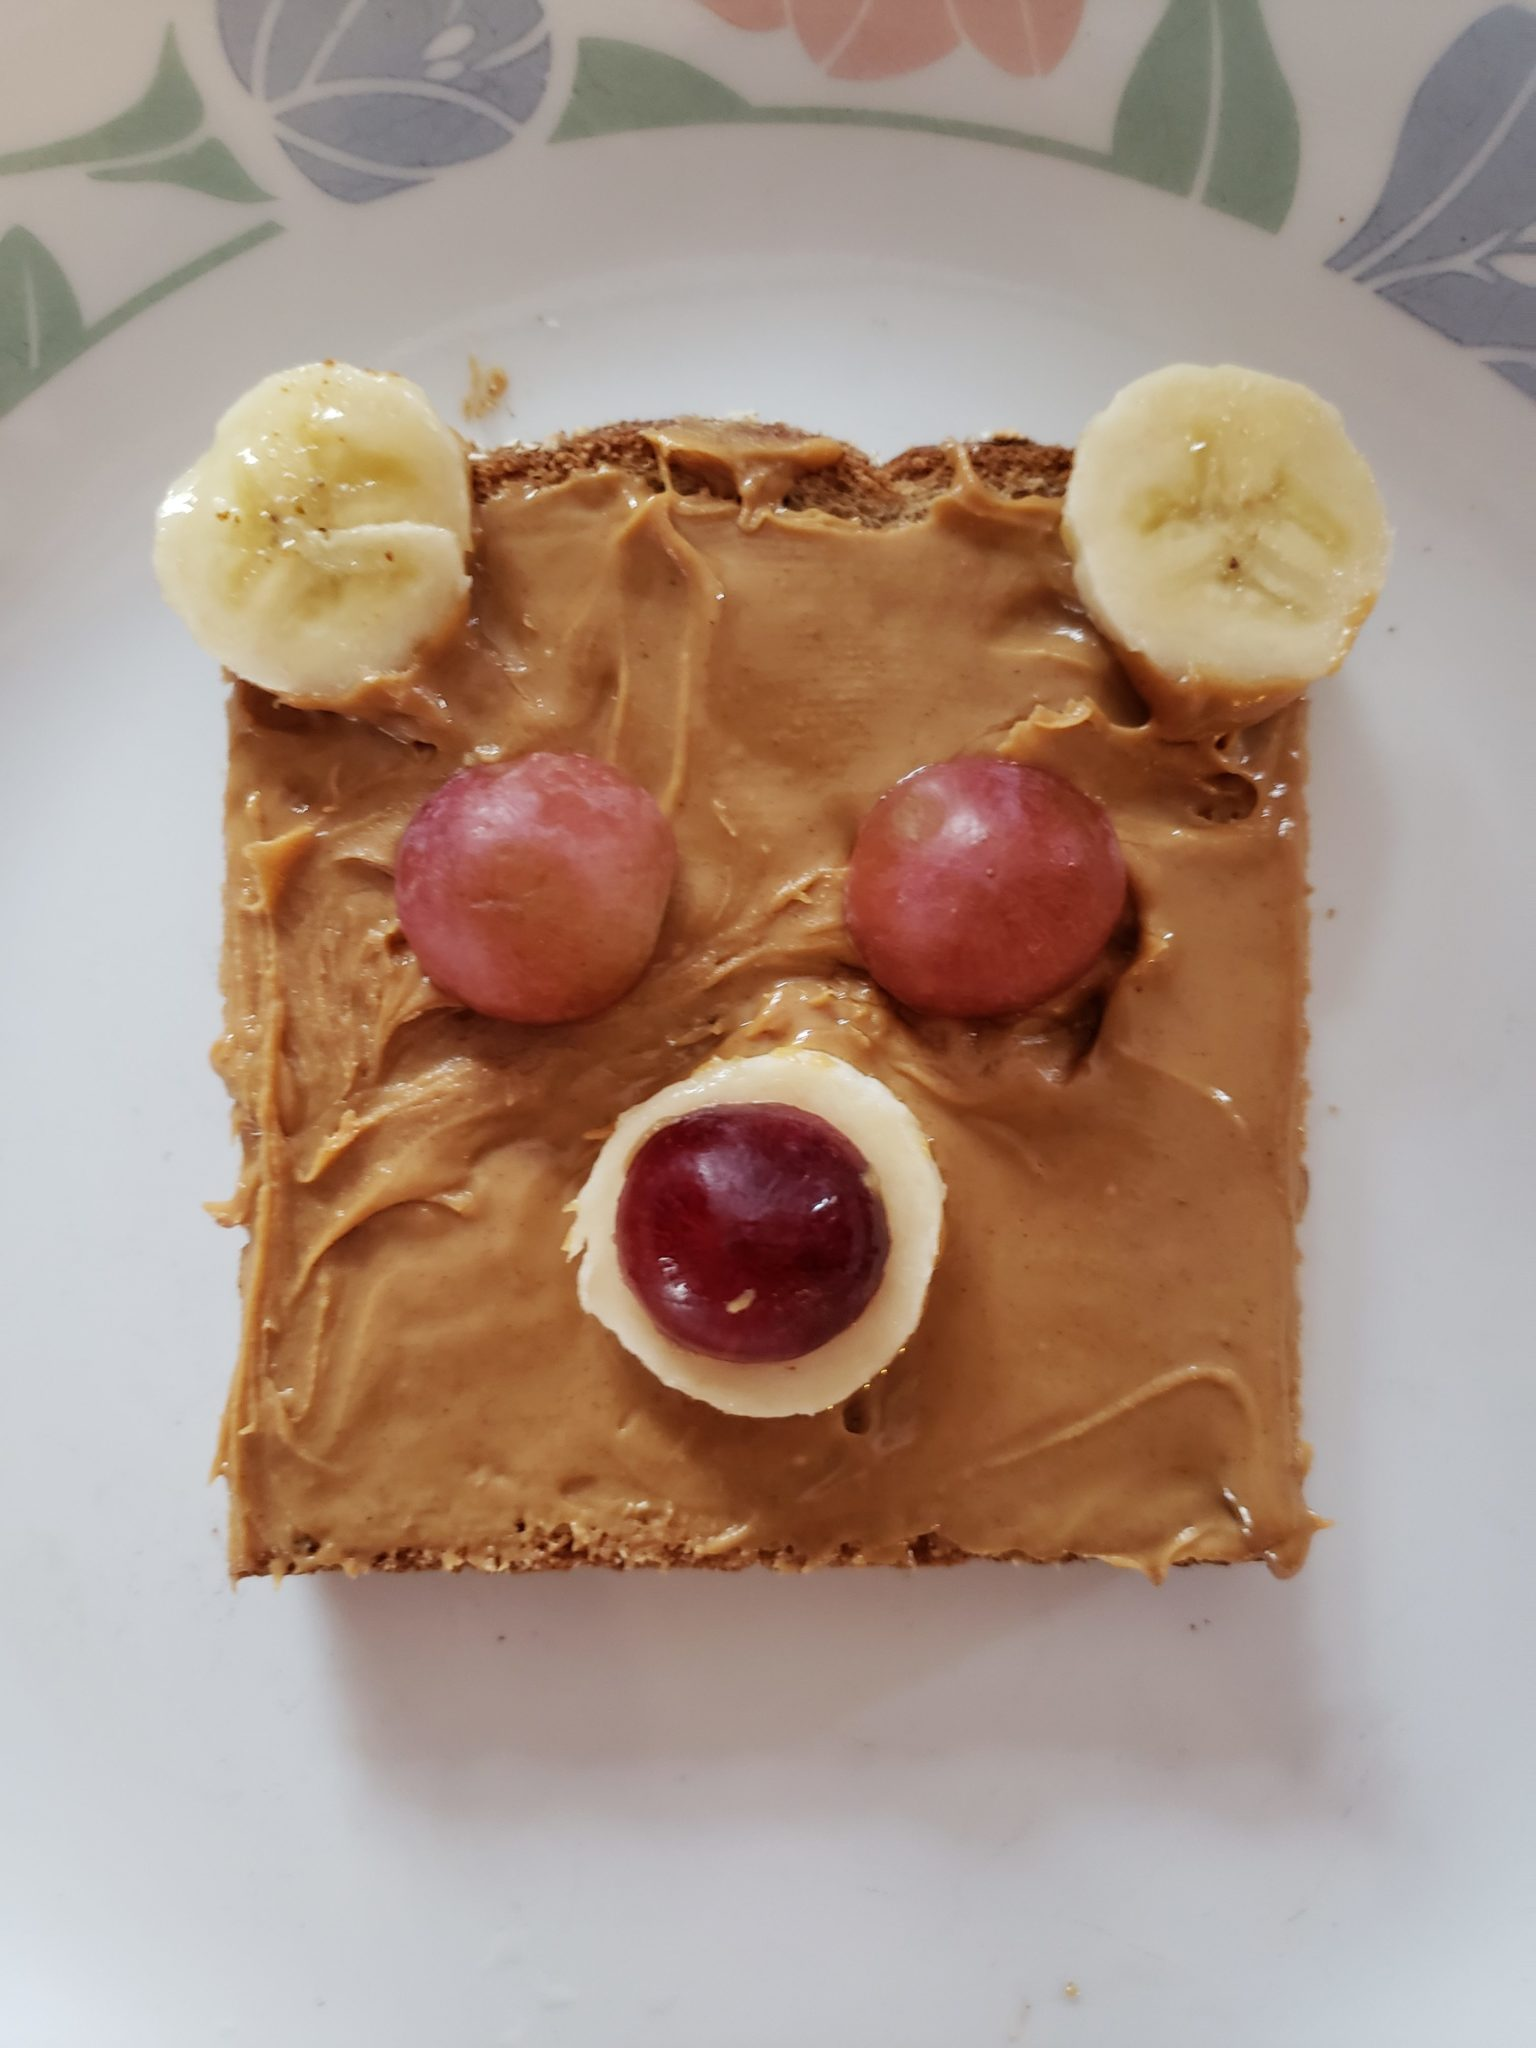 Teddy Bear Toast using sweet ingredients